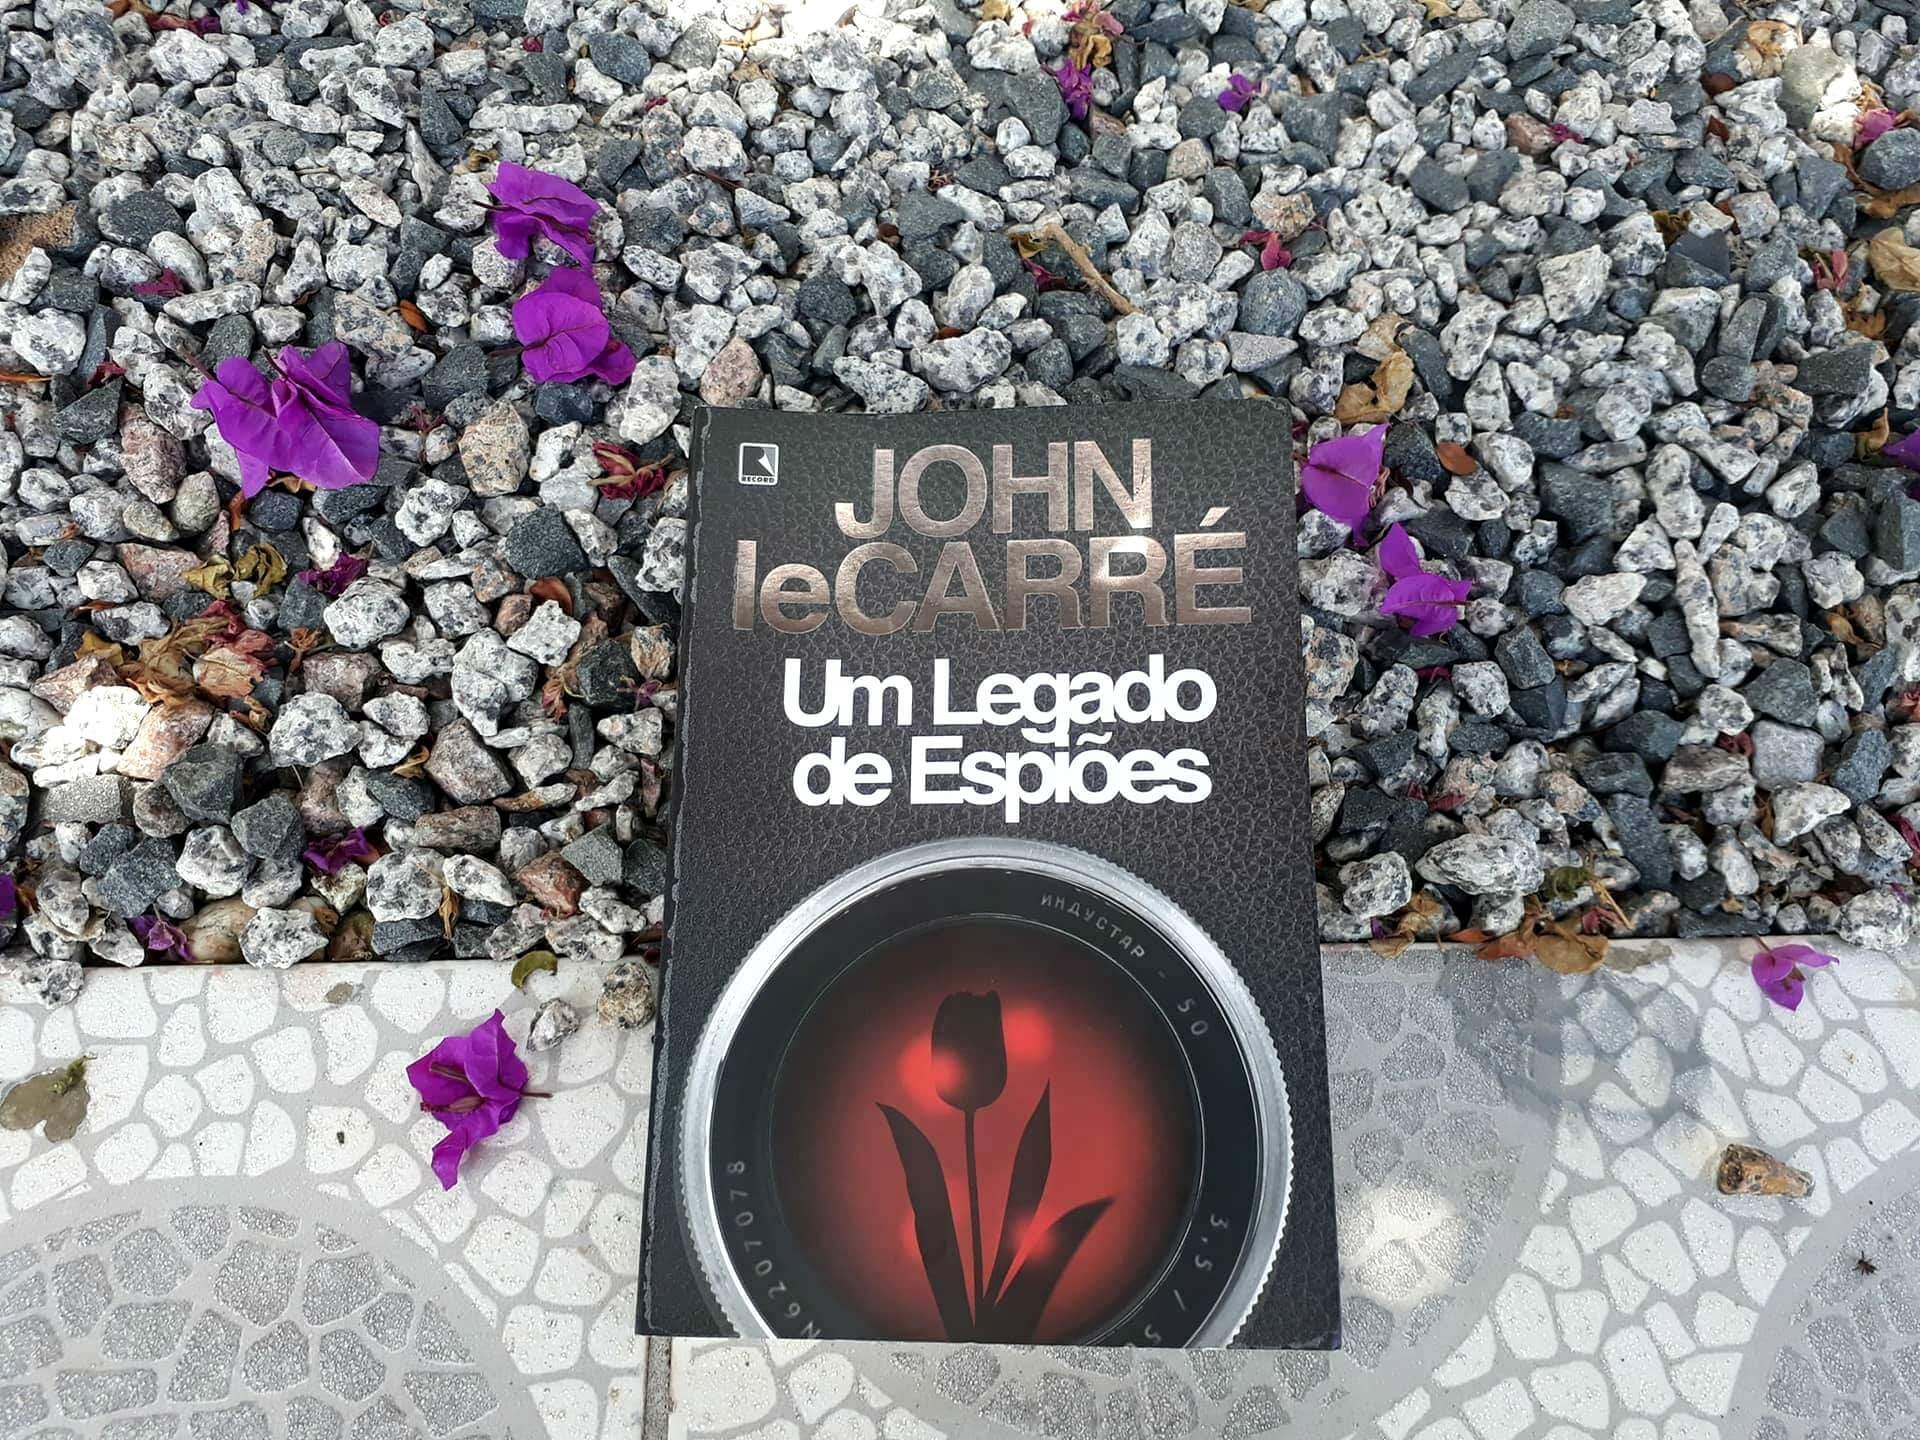 """Remorso e nostalgia marcam """"Um legado de espiões"""", de John Le Carré"""